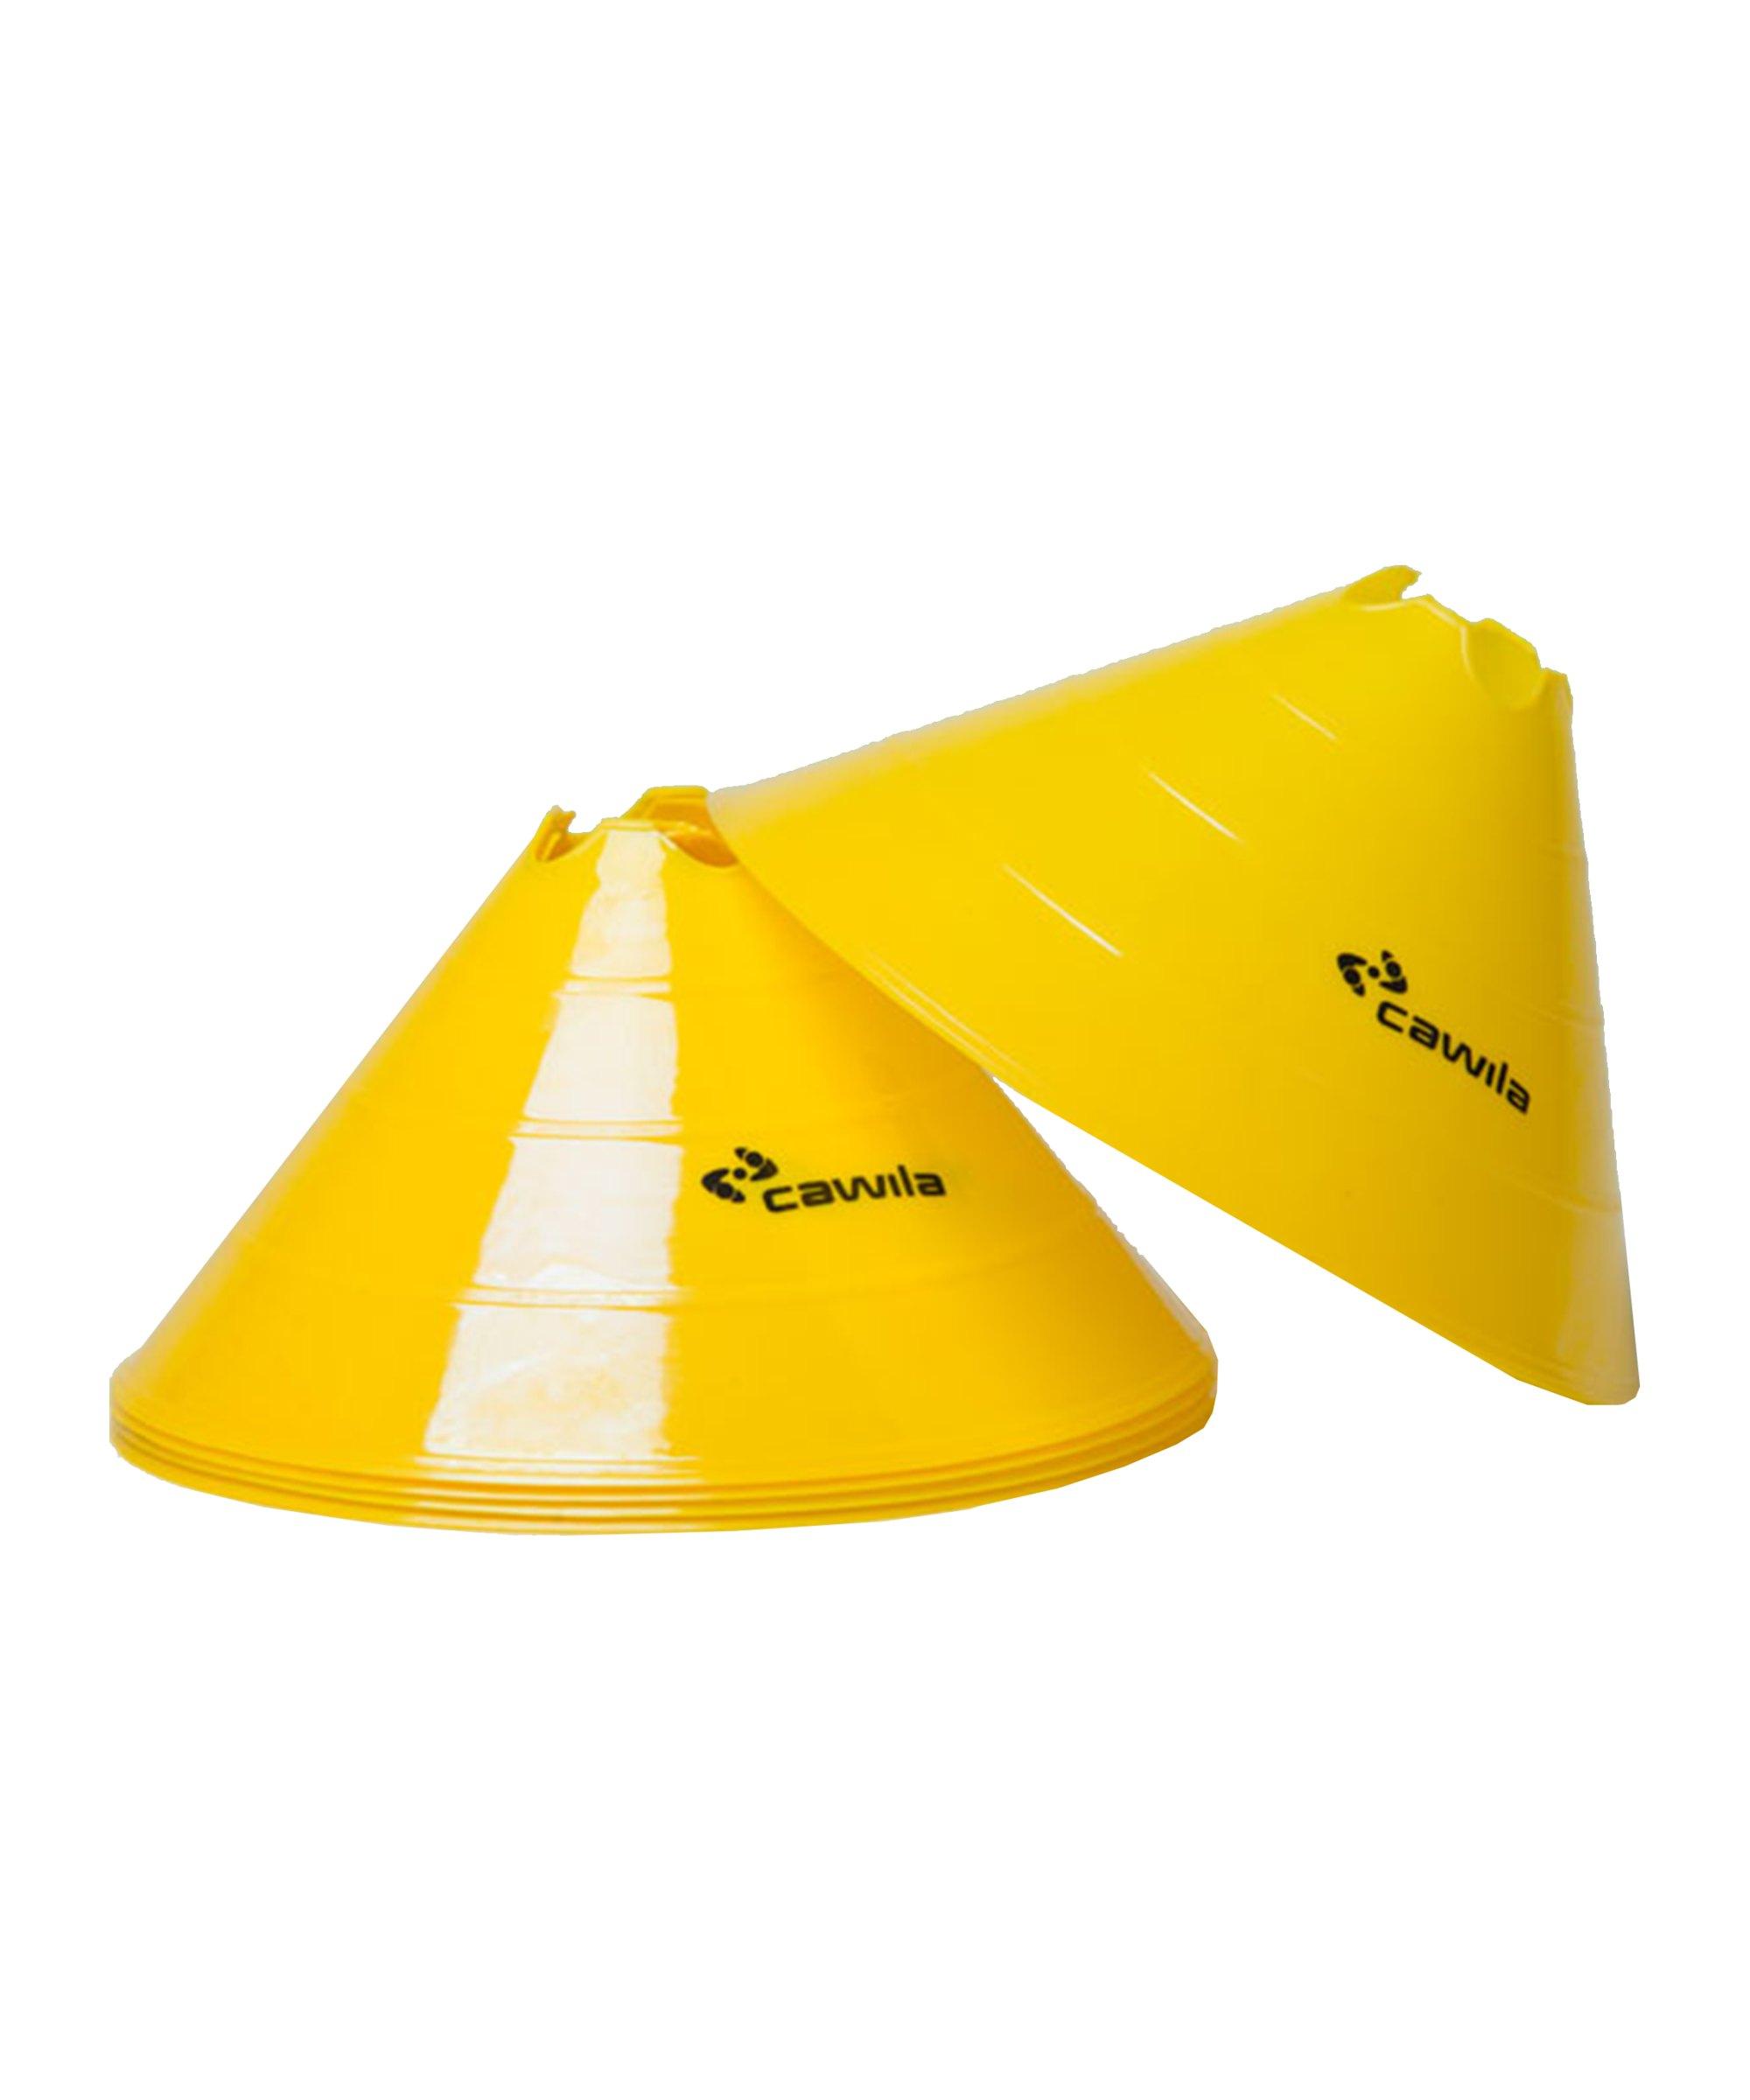 Cawila Markier.Scheiben L 10er d30cm 15cm Gelb - gelb